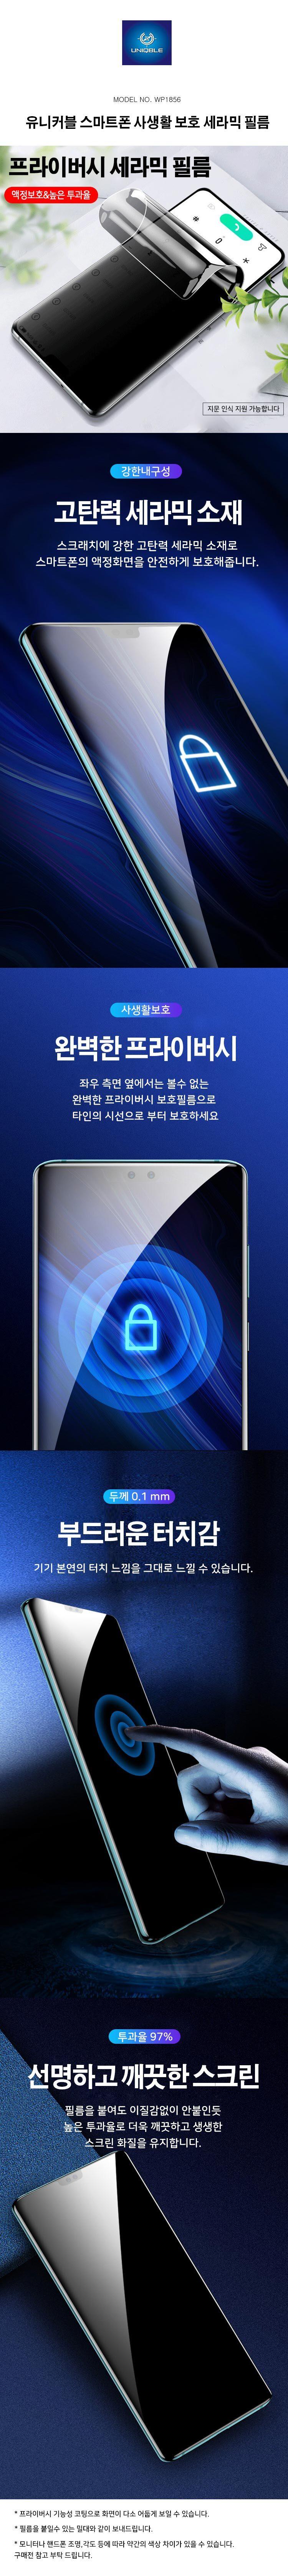 아이폰SE2 11 PRO MAX XR XS 8 7플러스 스마트폰 사생활보호필름 프라이버시 세라믹 액정보호필름6,600원-유니커블디지털, 애플, 필름, 아이폰 SE2바보사랑아이폰SE2 11 PRO MAX XR XS 8 7플러스 스마트폰 사생활보호필름 프라이버시 세라믹 액정보호필름6,600원-유니커블디지털, 애플, 필름, 아이폰 SE2바보사랑